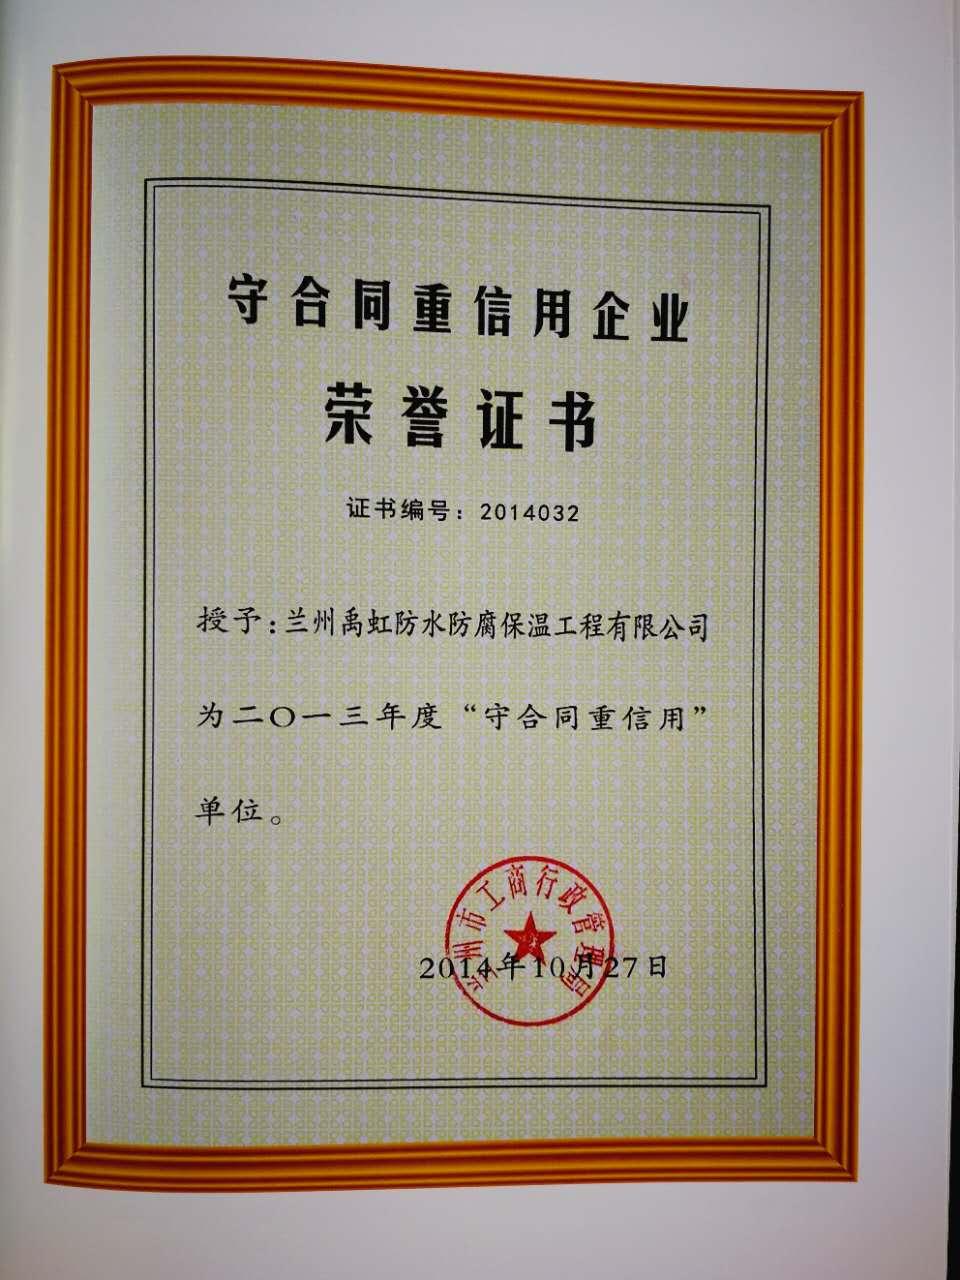 守合同重信用企业荣誉证书.jpg